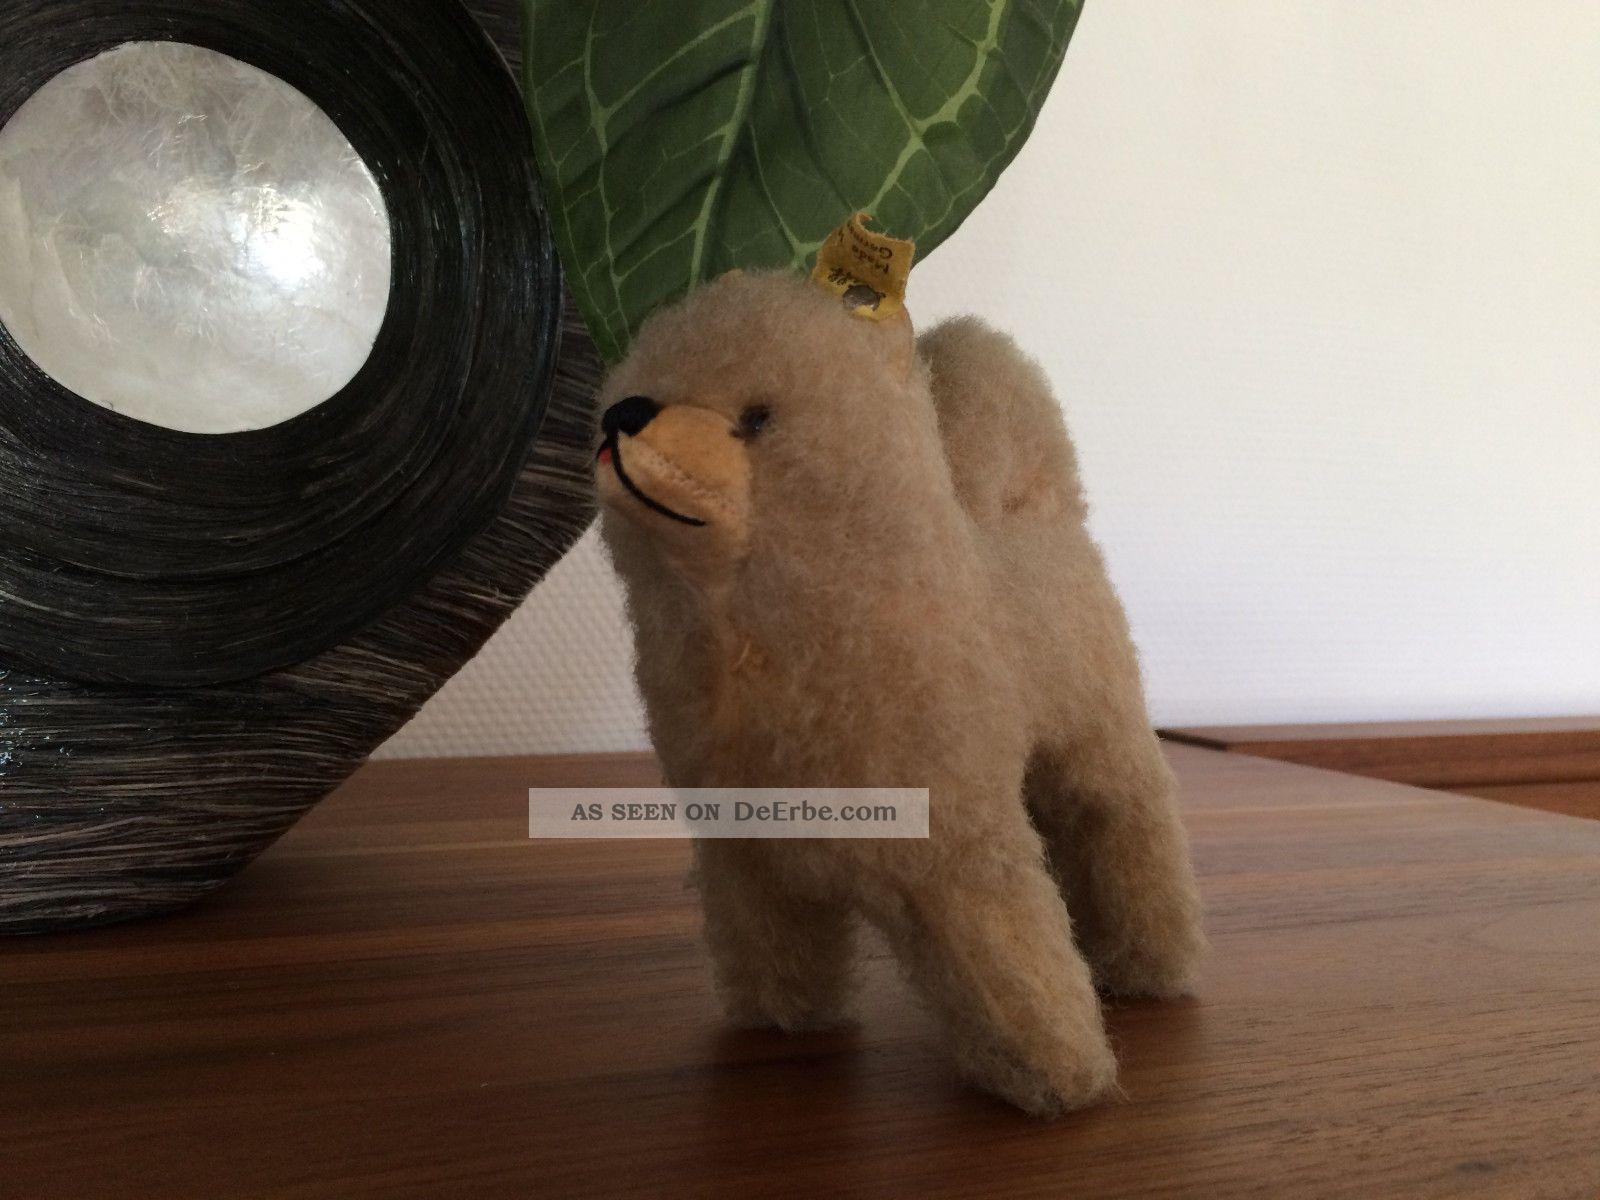 Steiff Hund Dog Chow Chow,  Knopf,  Fahne 1512,  00,  12 Cm Selten Tiere Bild